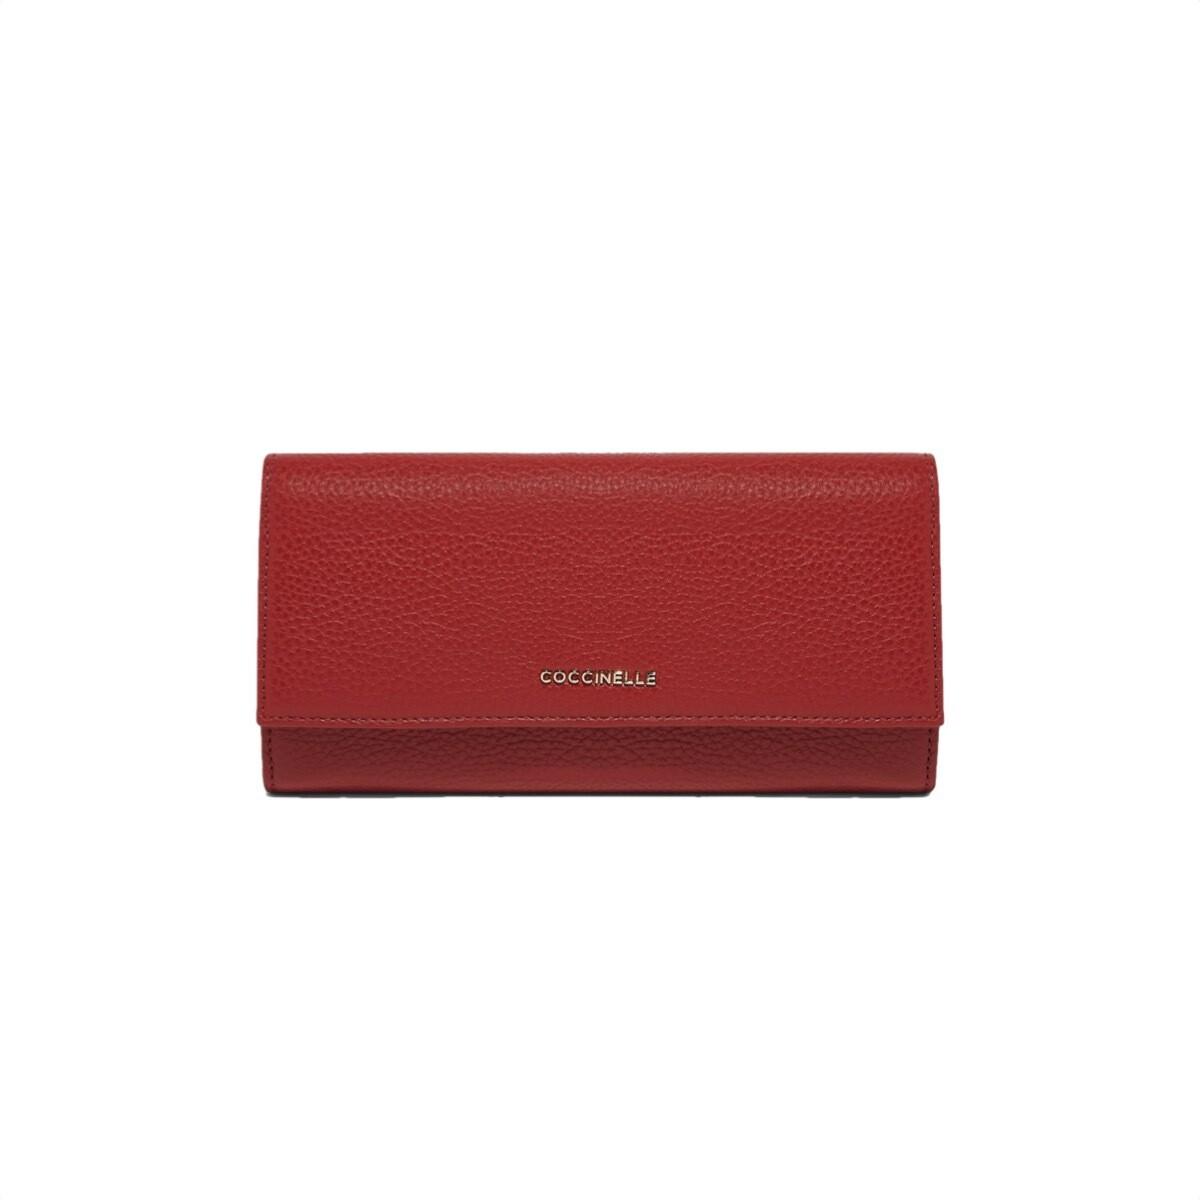 COCCINELLE - Metallic Soft Portafoglio Grande - Foliage Red